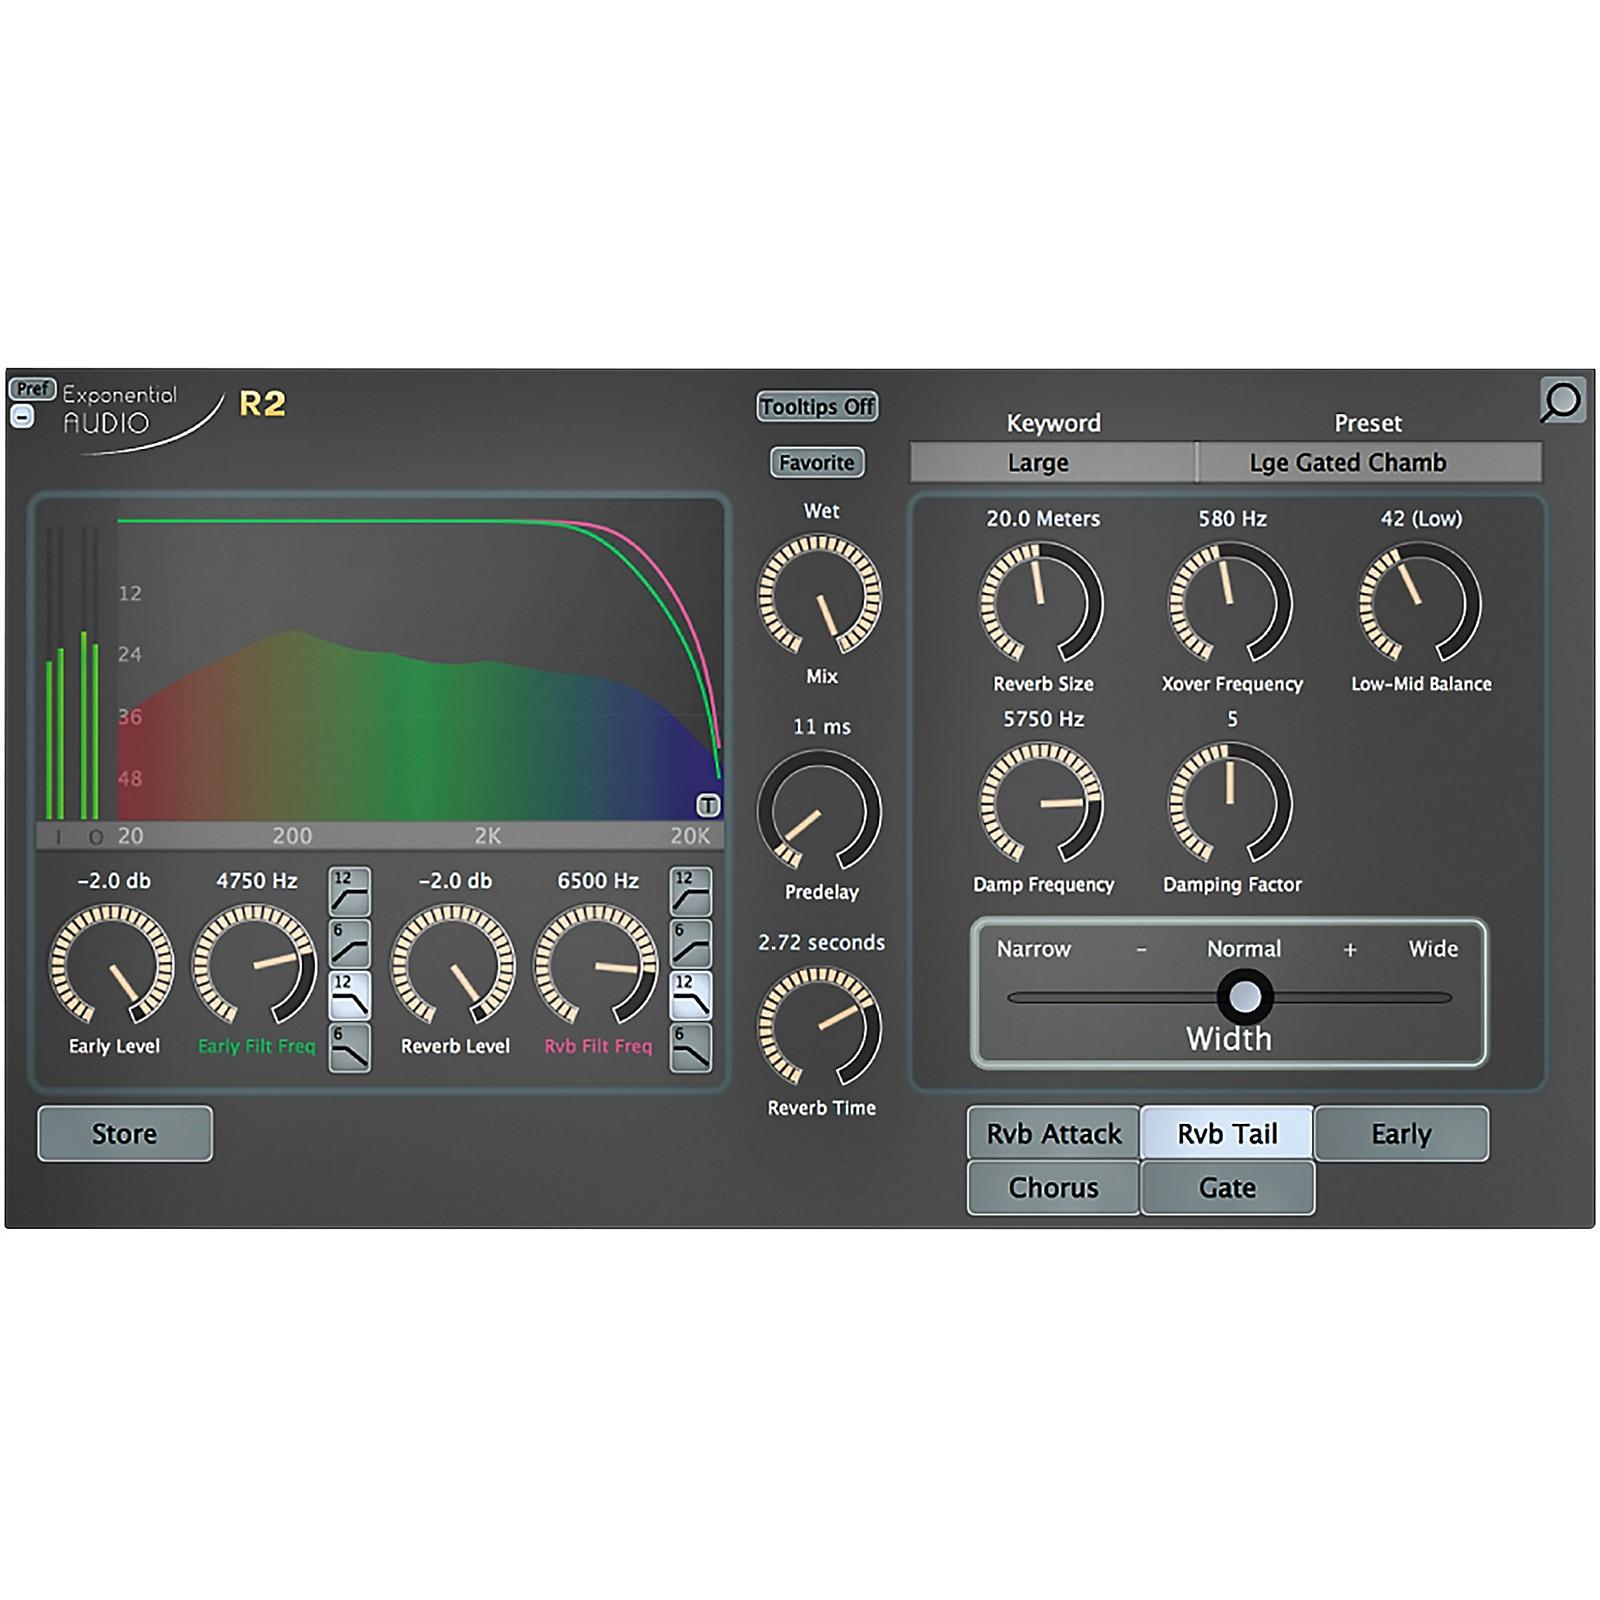 Exponential Audio R2